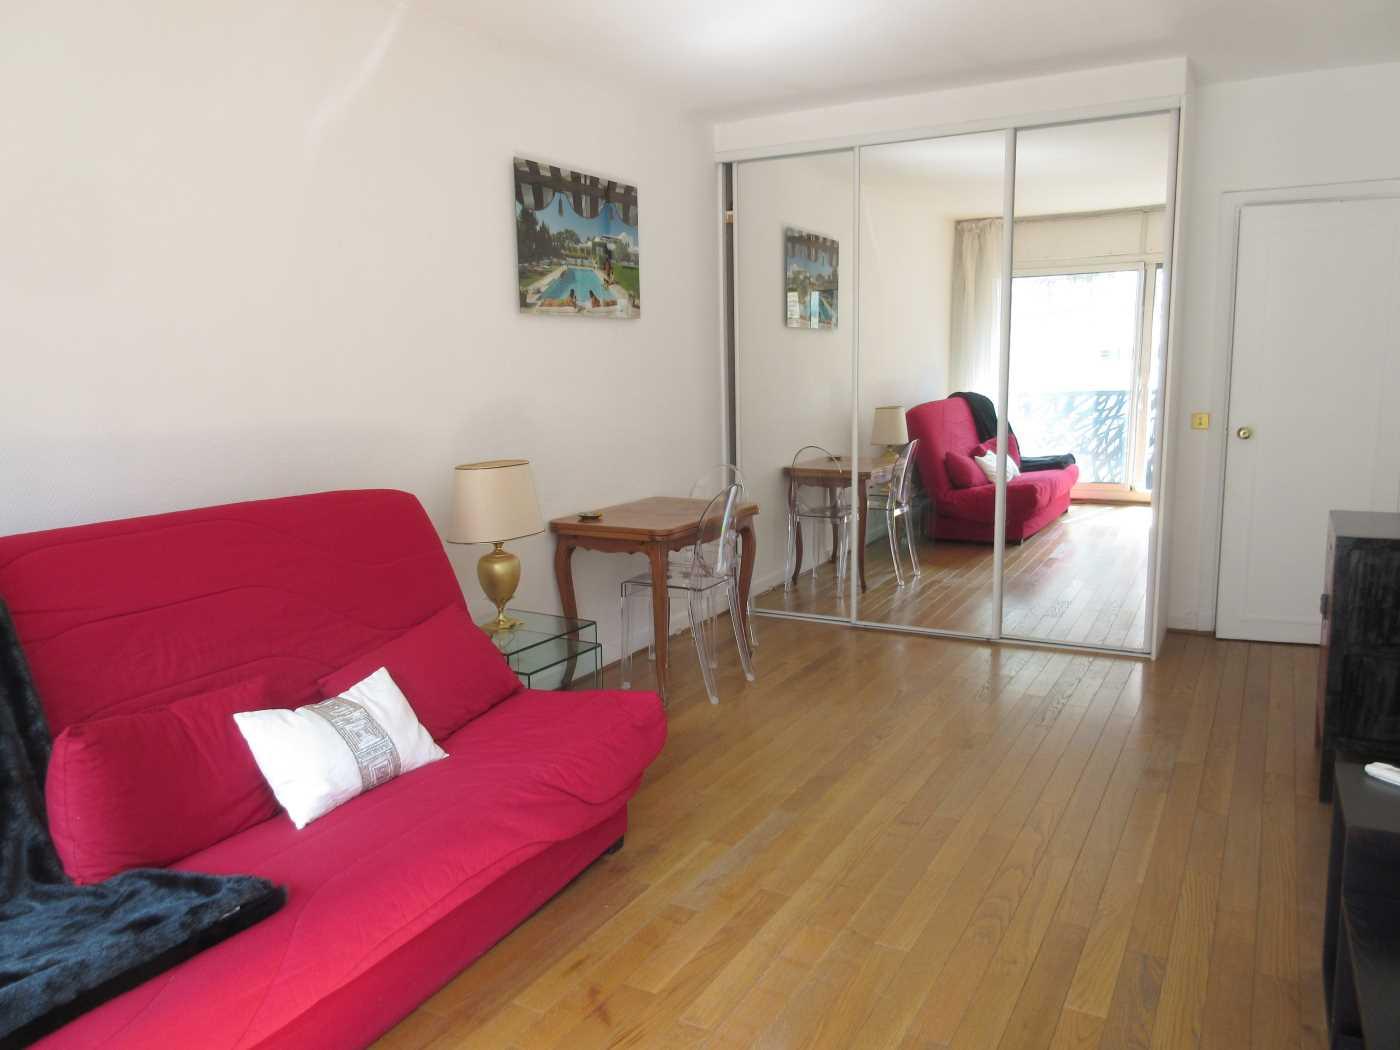 Location appartement meubl paris 8 cattalan johnson immobilier - Recherche studio meuble paris ...